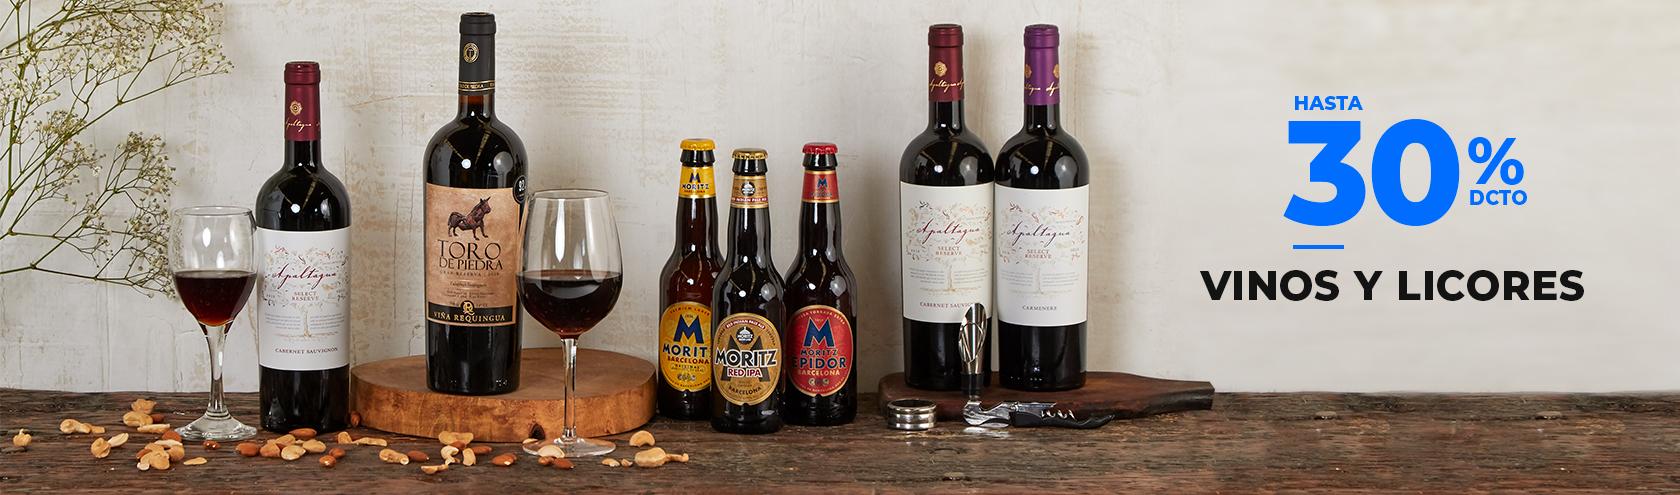 Hasta 30% de descuento en Vinos y Licores con todo medio de pago